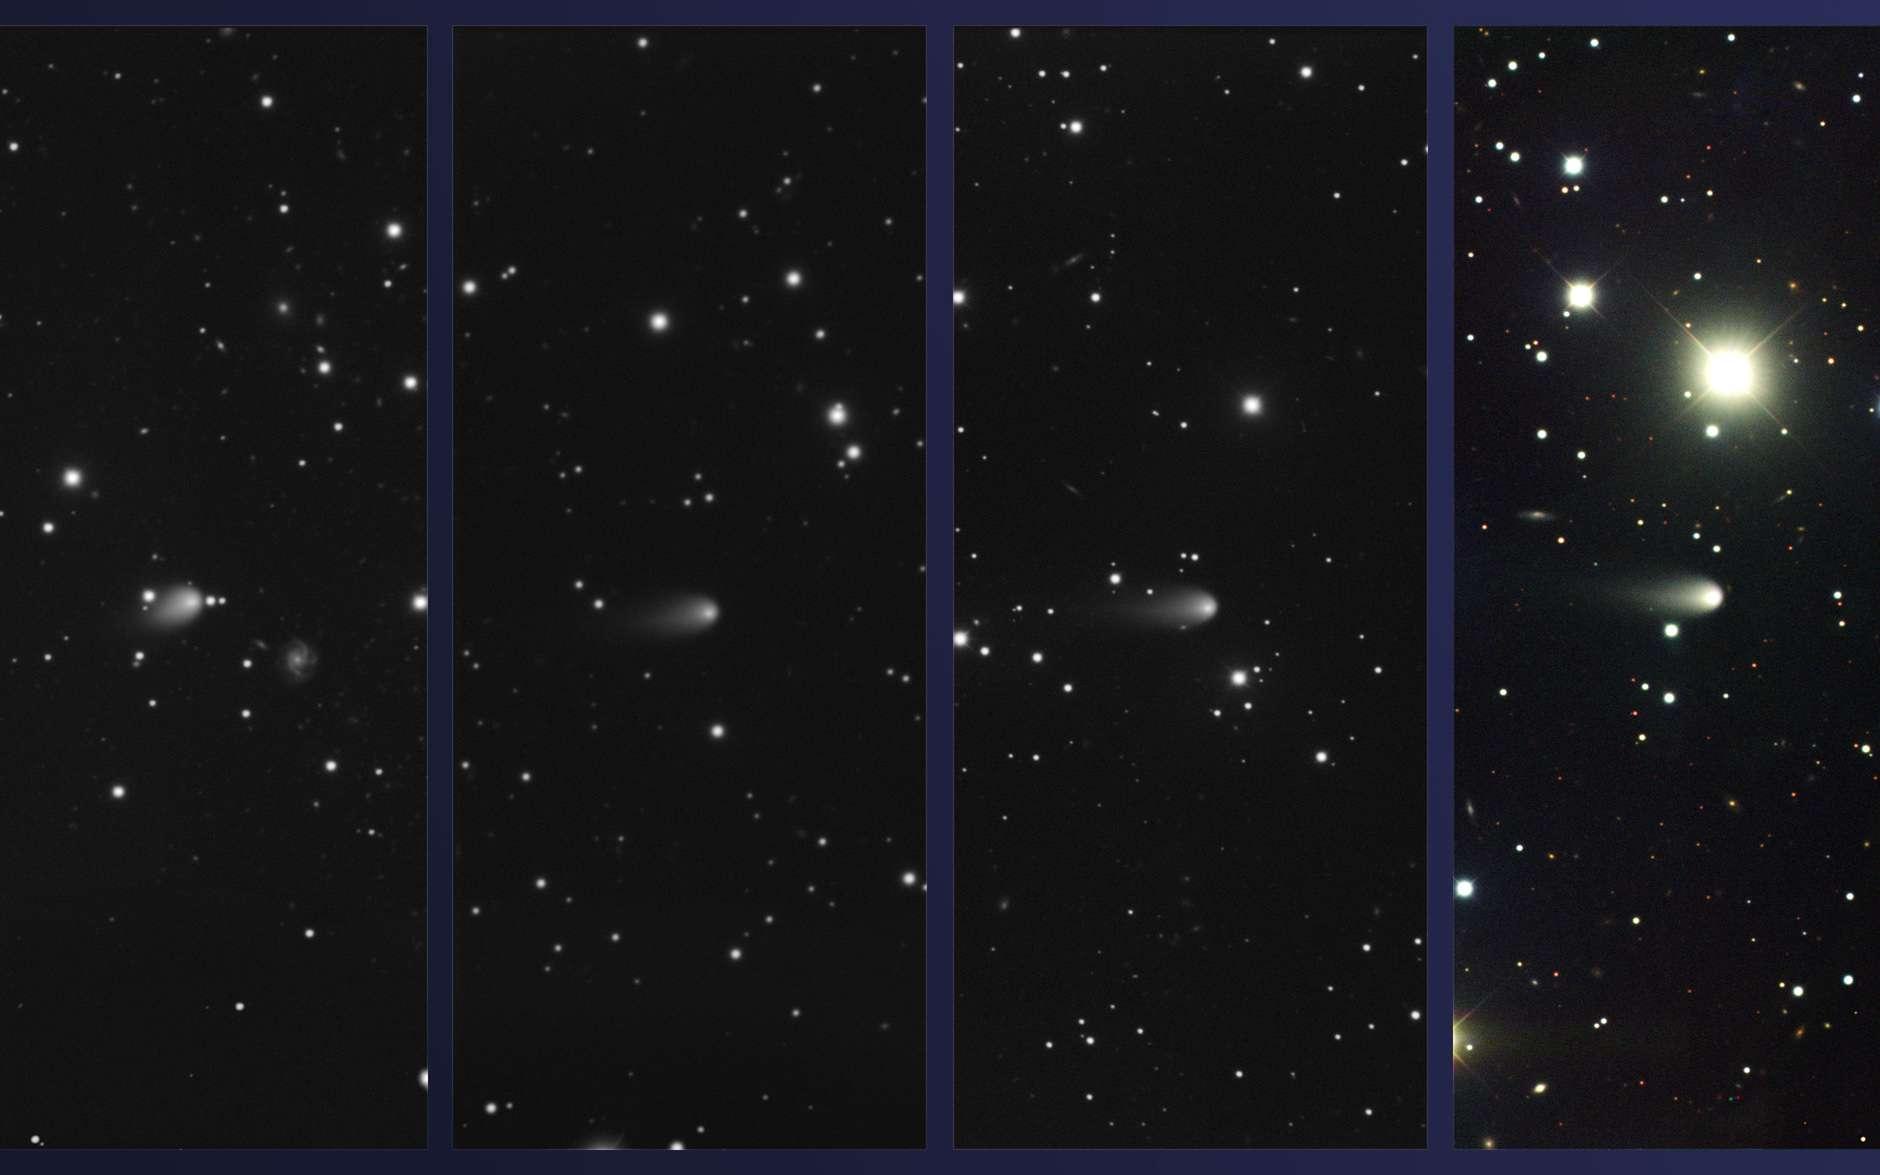 Ces 4 images ont été réalisées par le spectrographe multi-objets qui équipe le télescope Gemini nord de 8,1 m de diamètre. Elles montrent la comète Ison les 4 février, 4 mars, 3 avril et 4 mai 2013. L'éclat de la comète est environ de magnitude 16, alors qu'elle se trouve au niveau de l'orbite de Jupiter. © Gemini Observatory, Aura